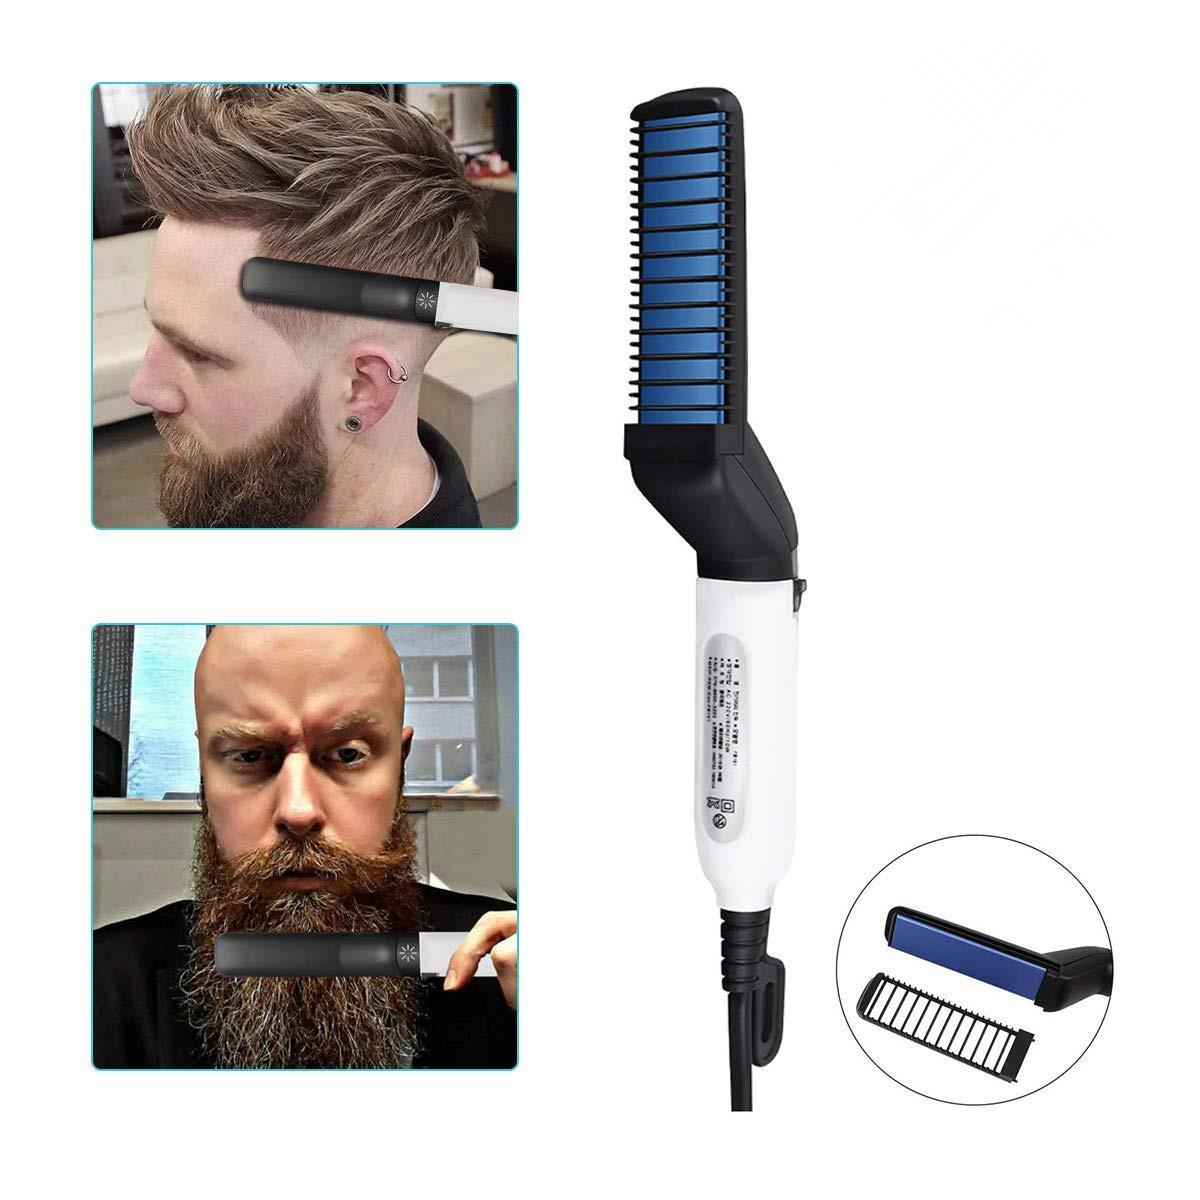 Sakal Düzleştirici Fırça Elektrikli Sakal Düzleştirici ve Saç Düzleştirici Fonksiyonlu Sakal ve Saç Düzleştirici Fırçası Tarak